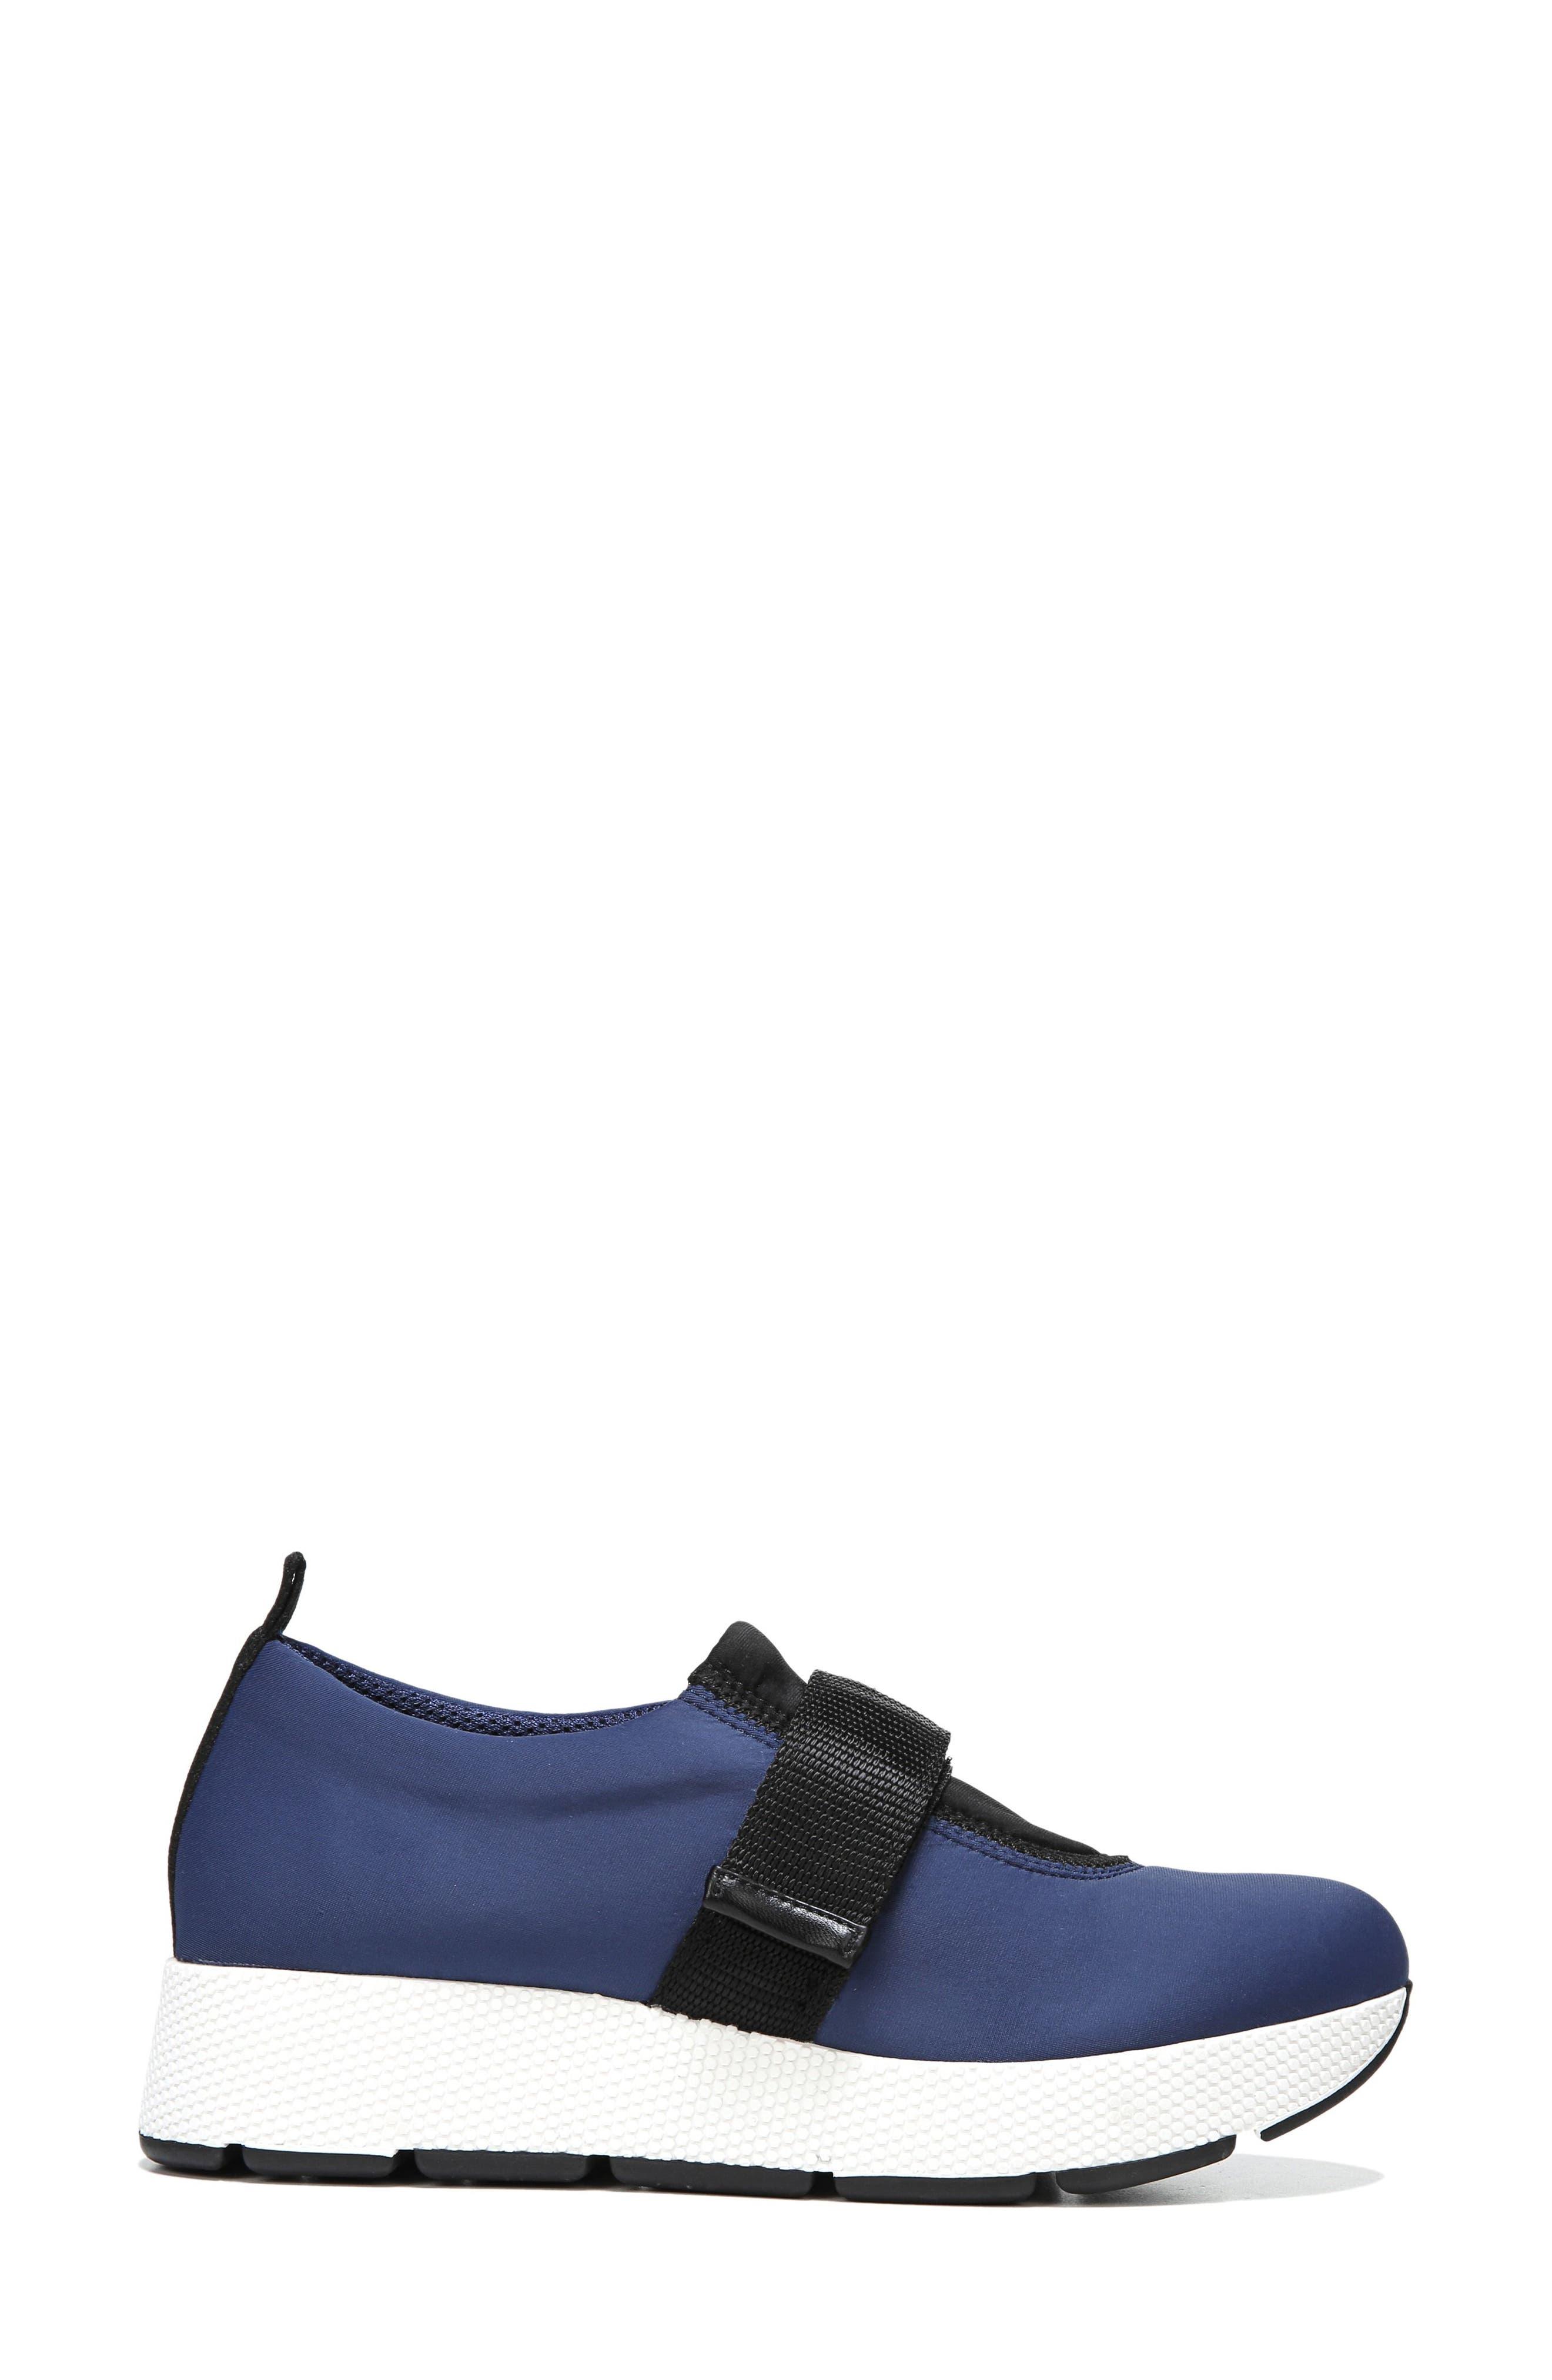 Odella Slip-On Sneaker,                             Alternate thumbnail 3, color,                             Navy Fabric